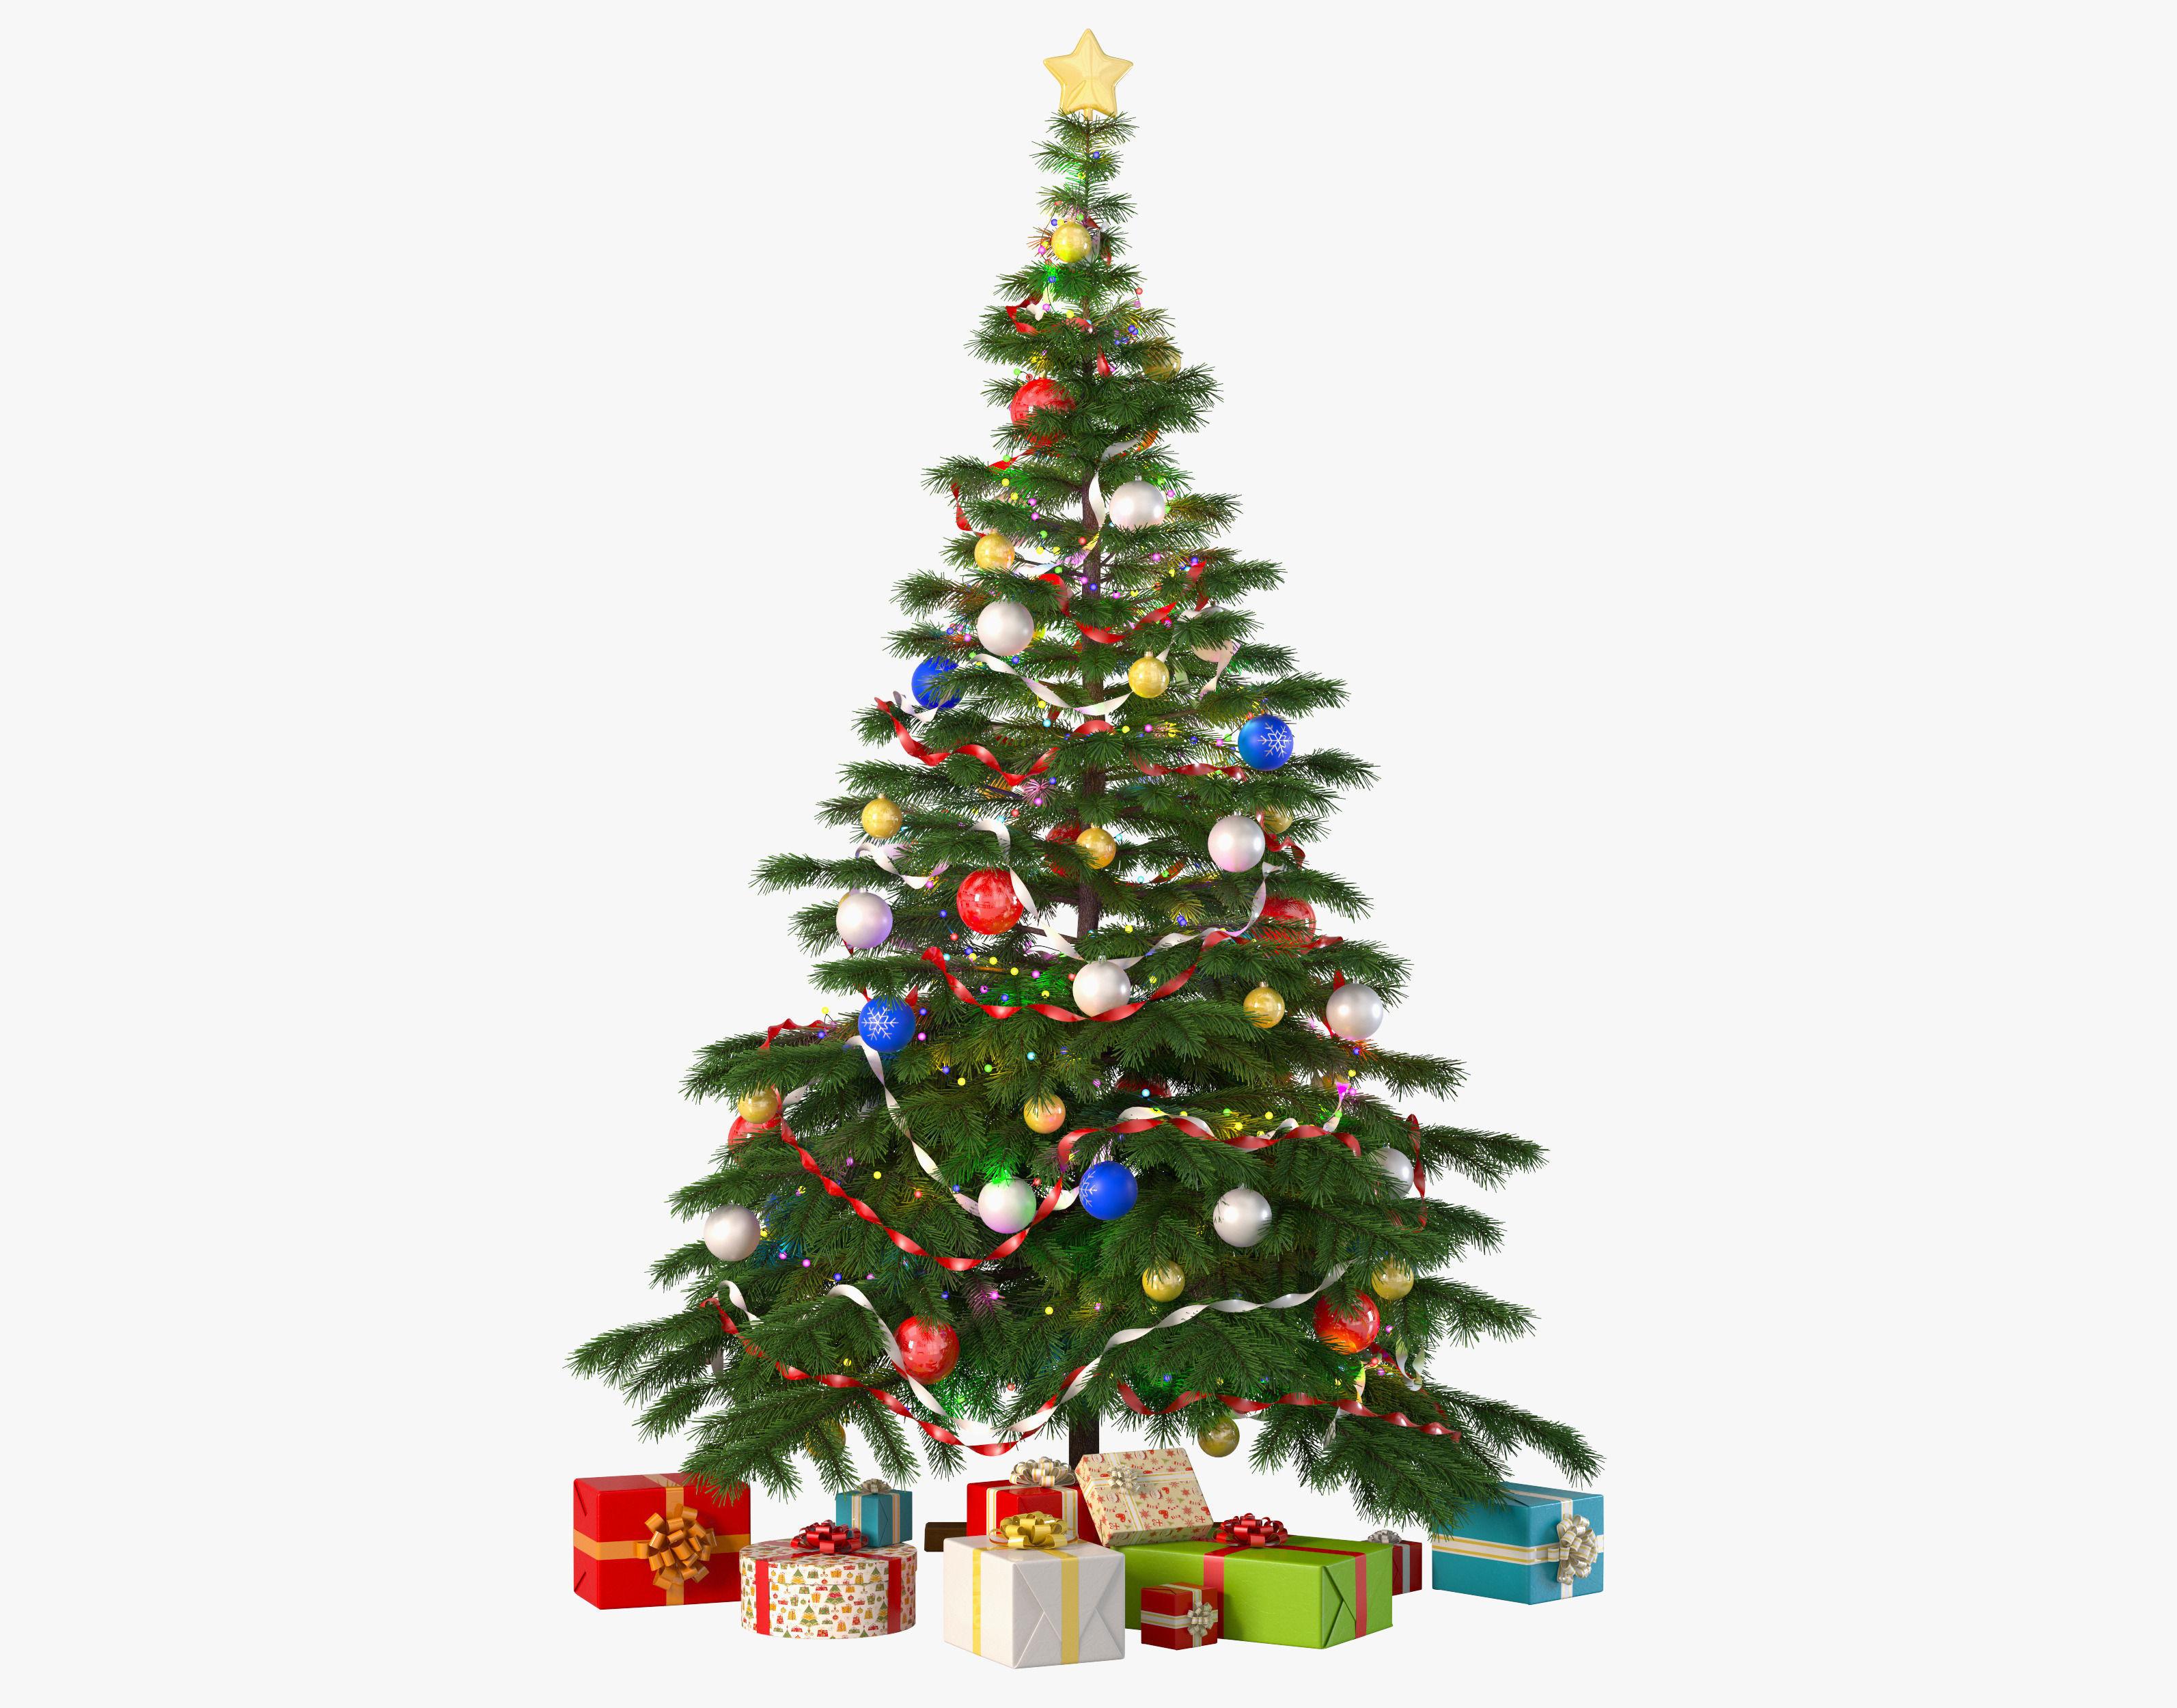 Vianočné vybavovanie objednávok